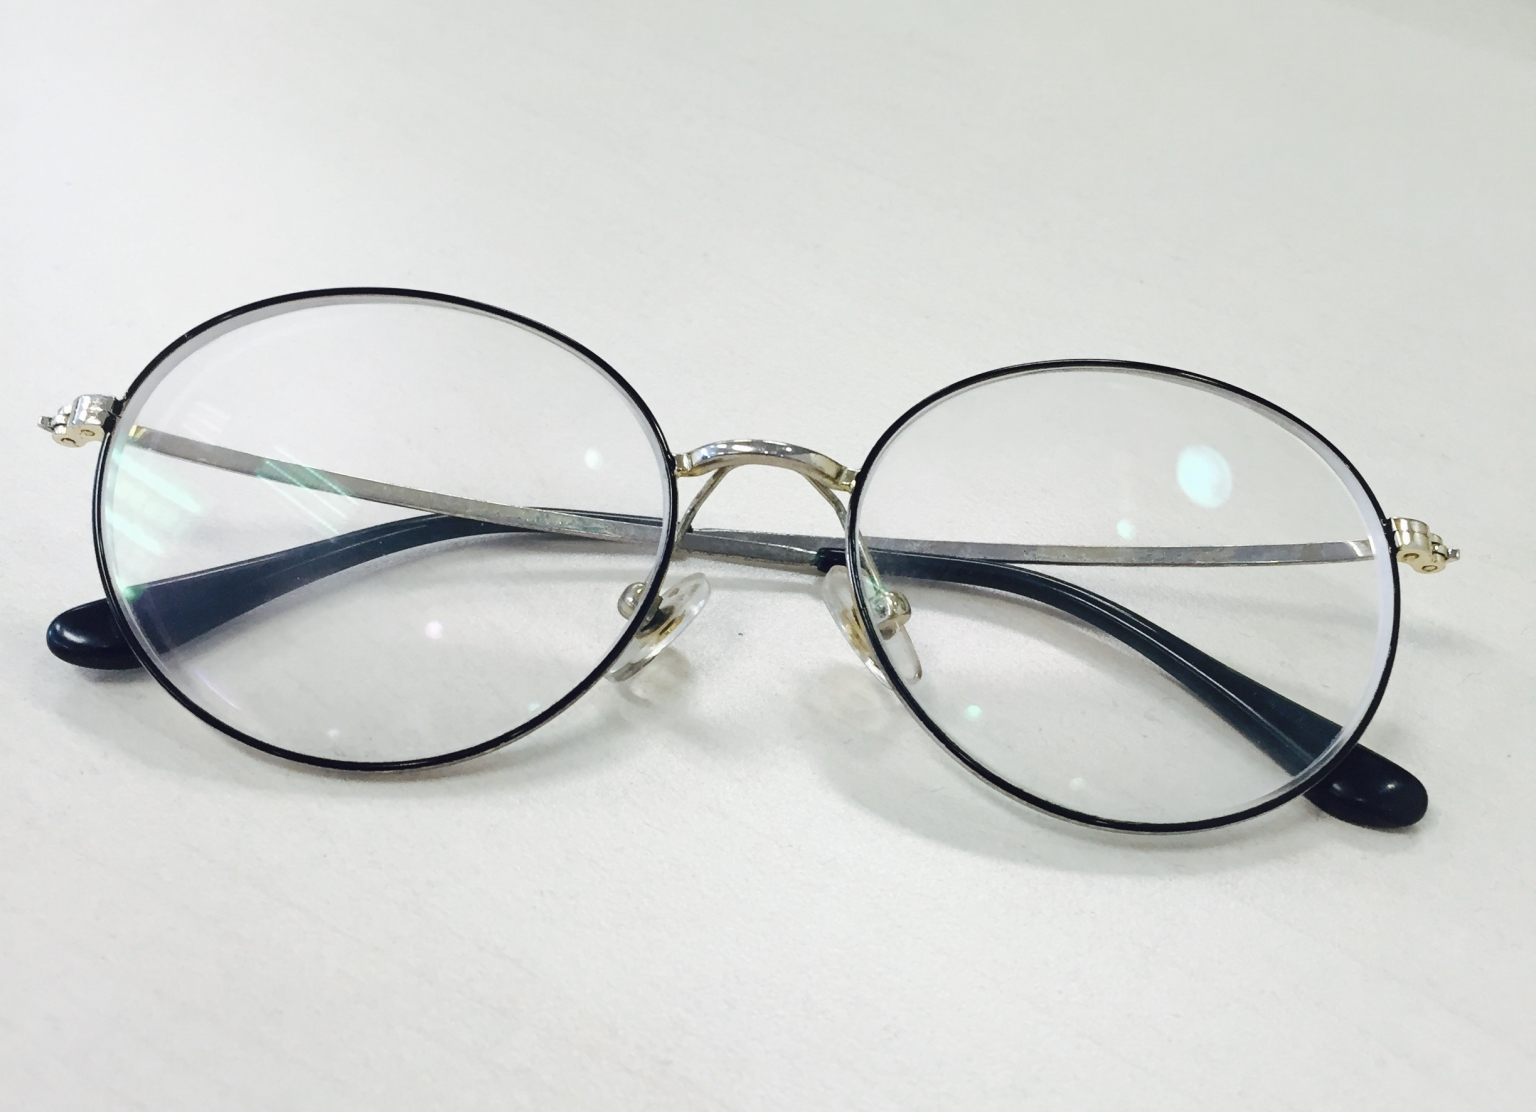 暑假来了,防近视要做好!眼科专家的4点建议要记住